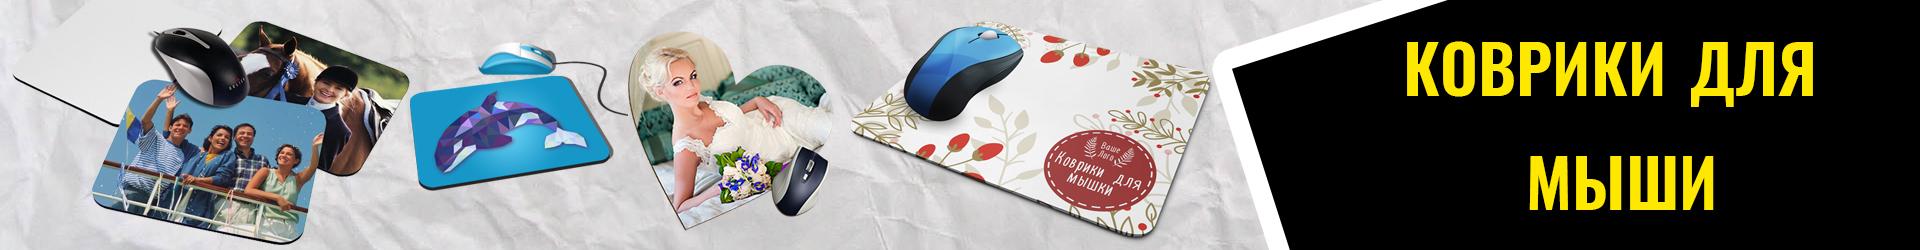 Печать на ковриках для мыши